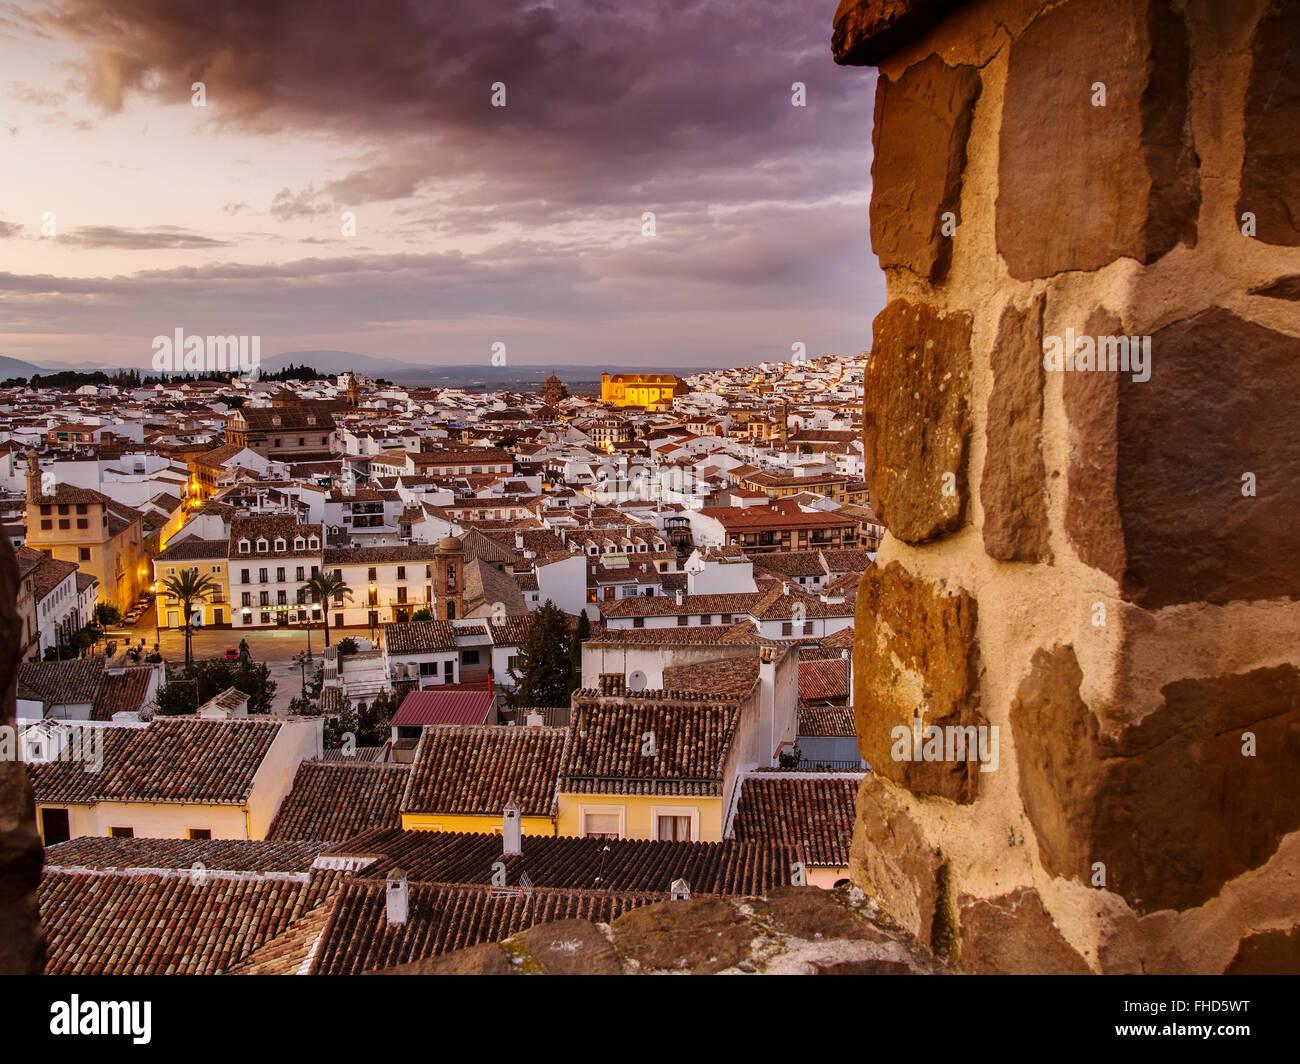 Sunset, la monumental ciudad de Antequera, provincia de Málaga. Andalucía al sur de España Imagen De Stock